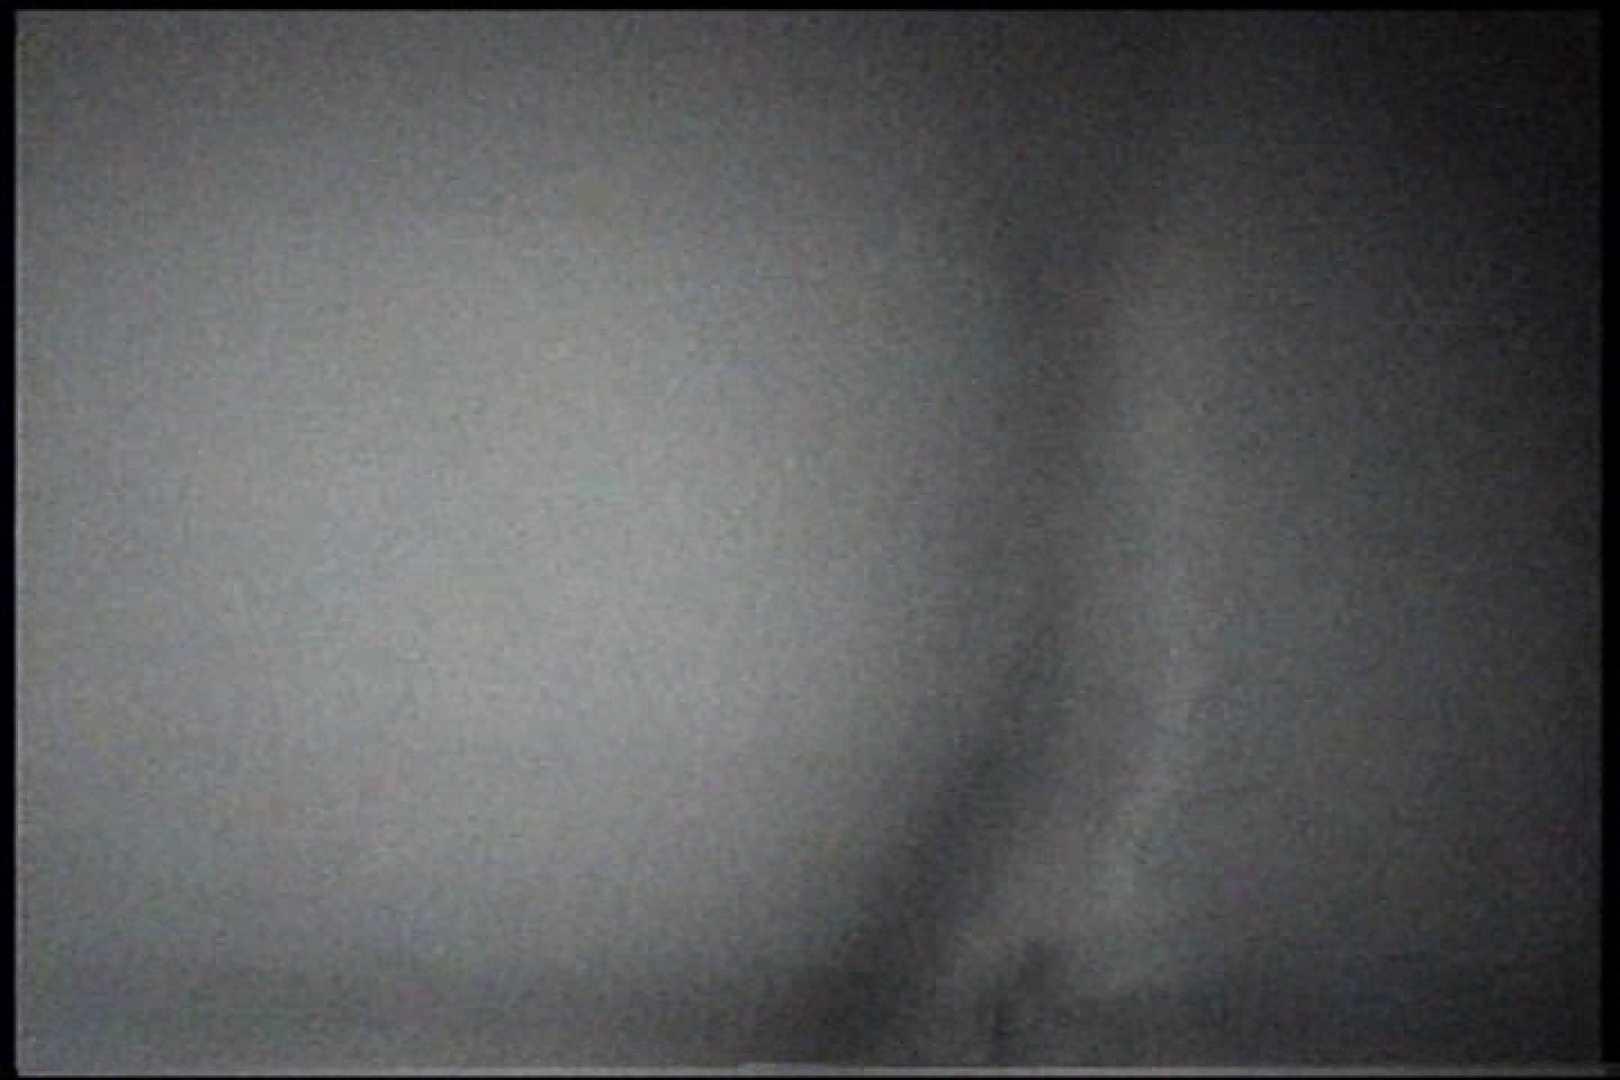 充血監督の深夜の運動会Vol.238 プライベート  105pic 34